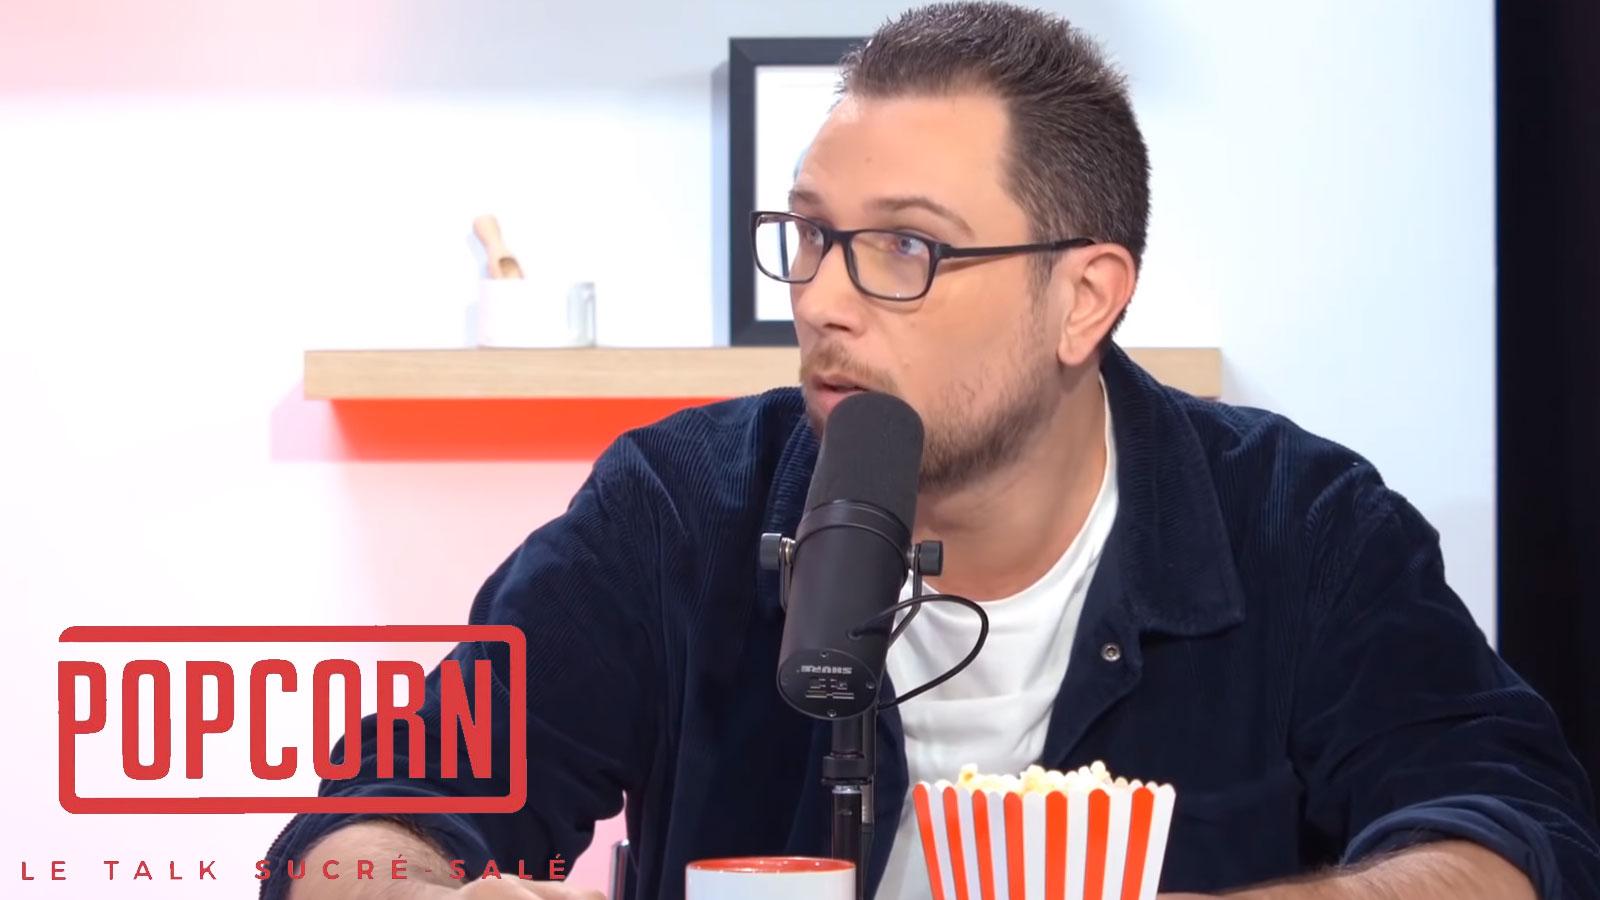 Domingo - Popcorn